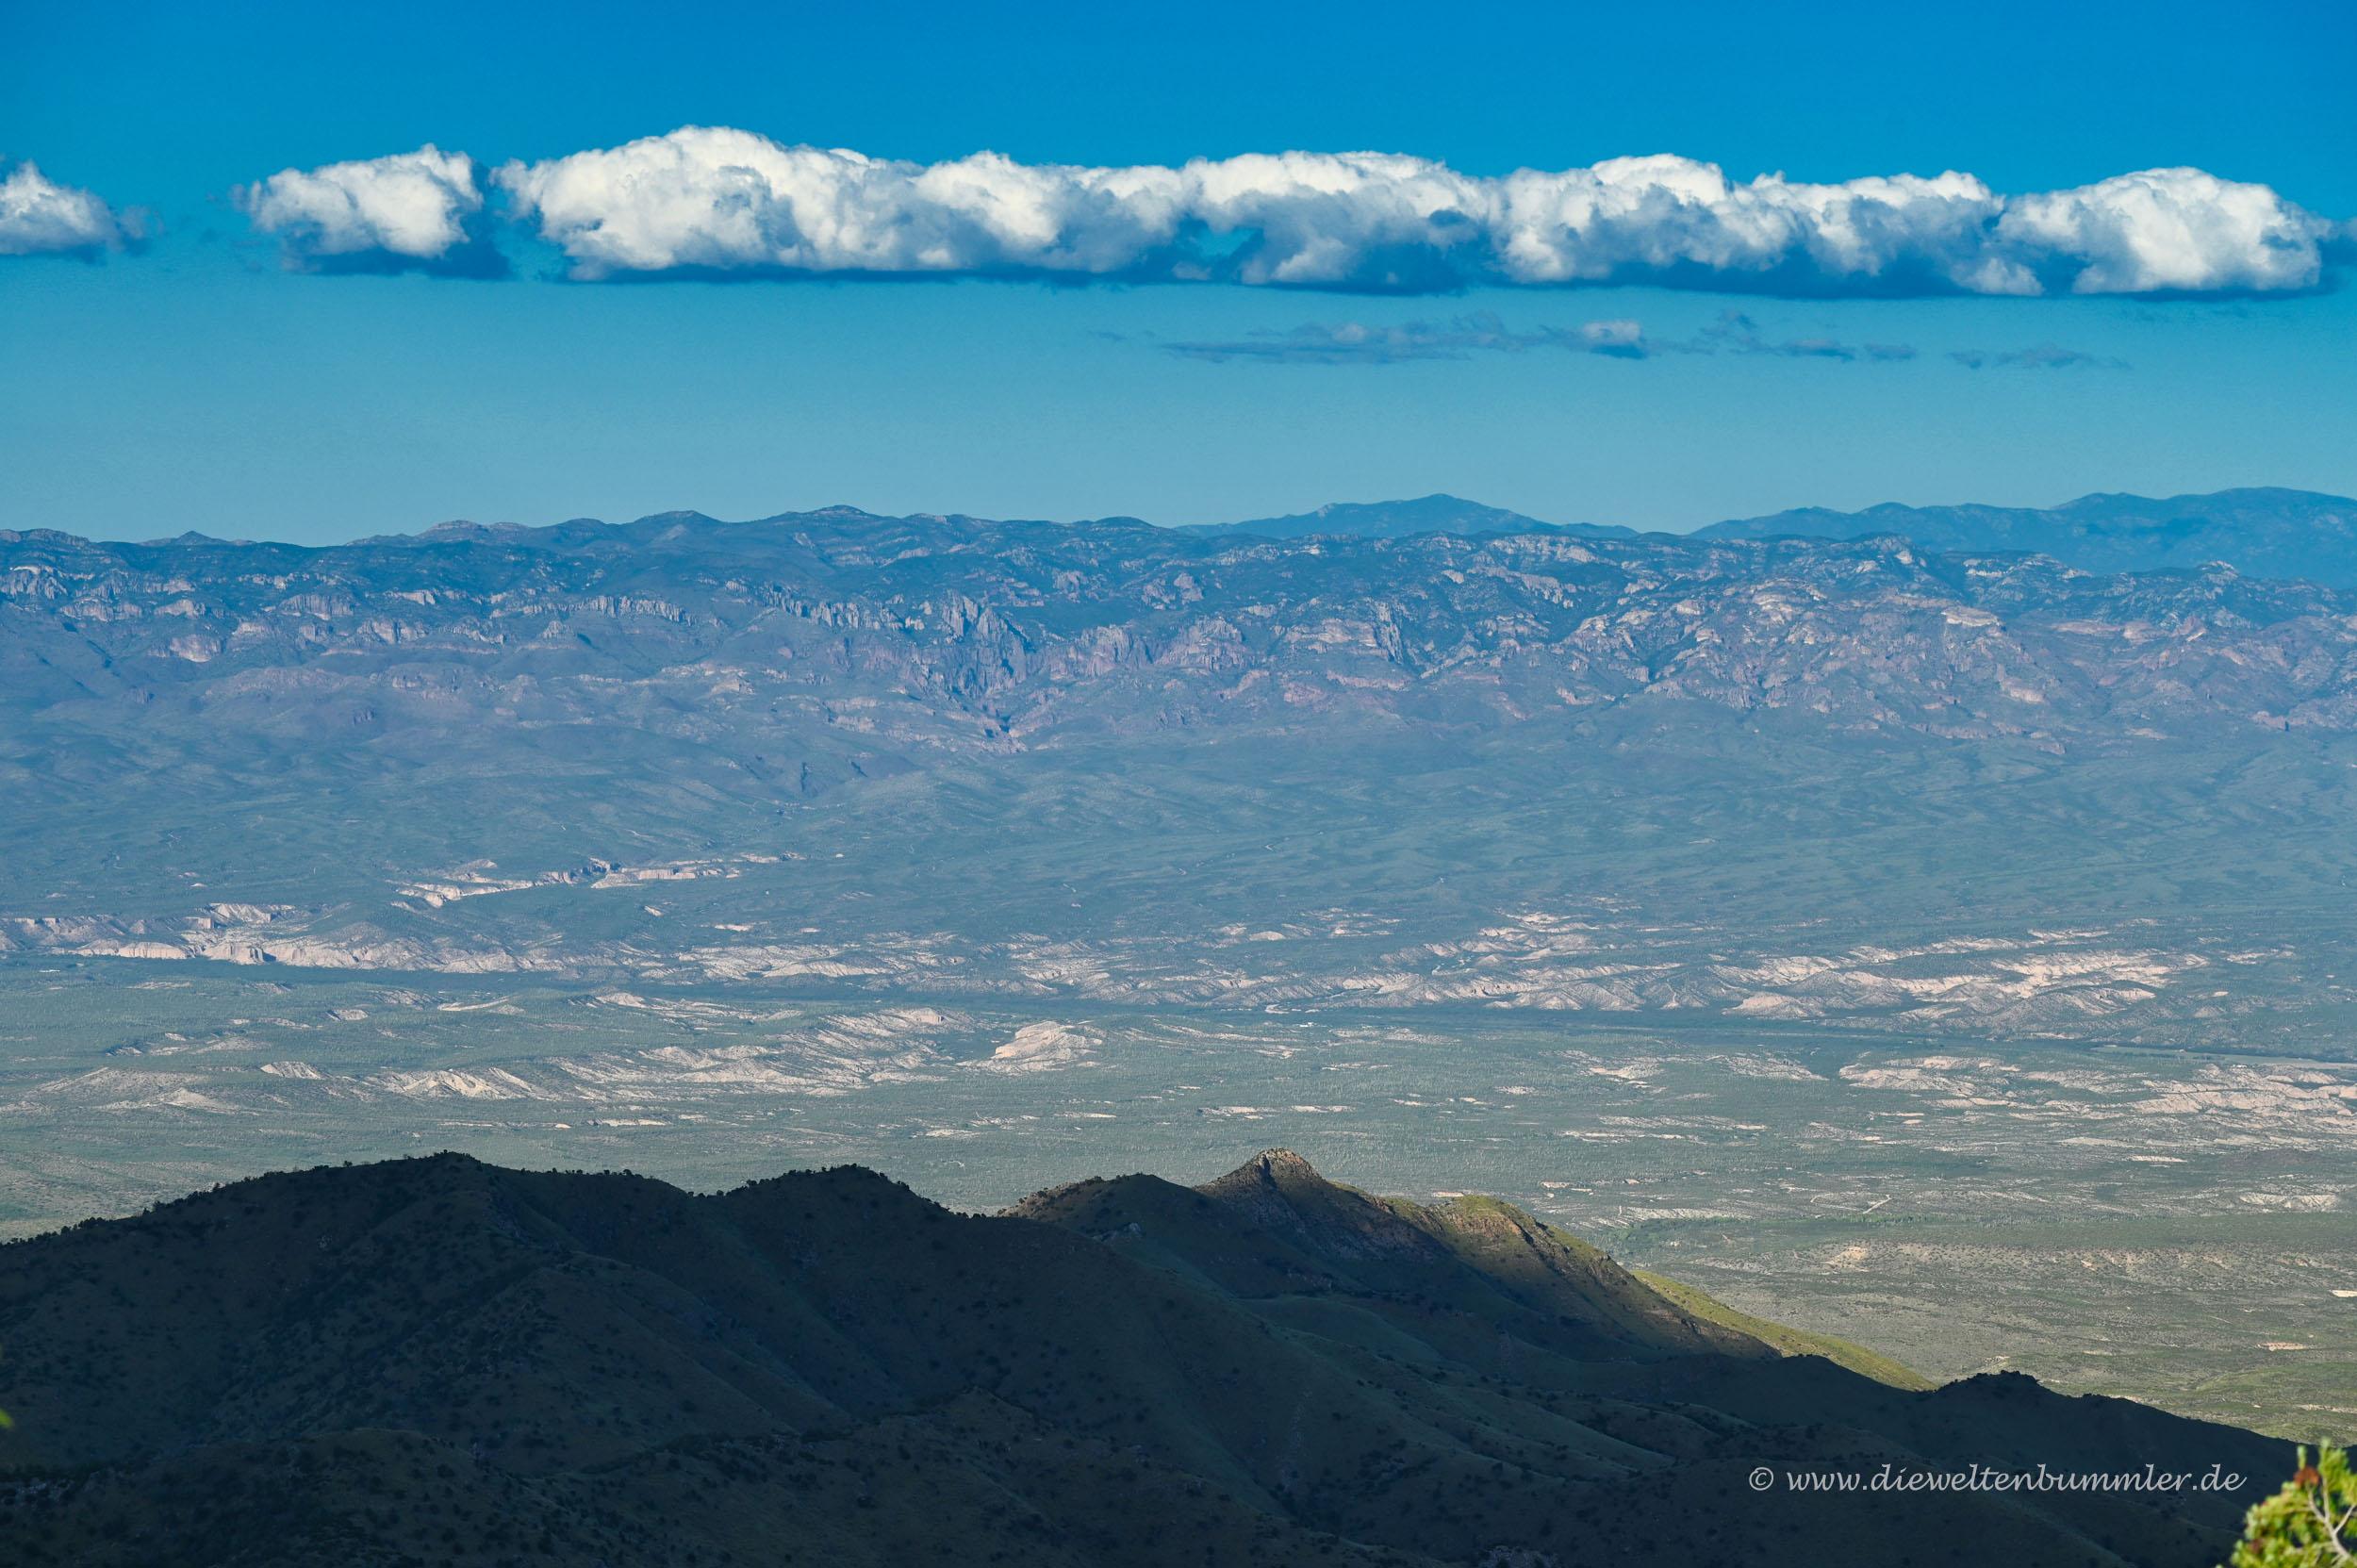 Rund um Tucson in Arizona